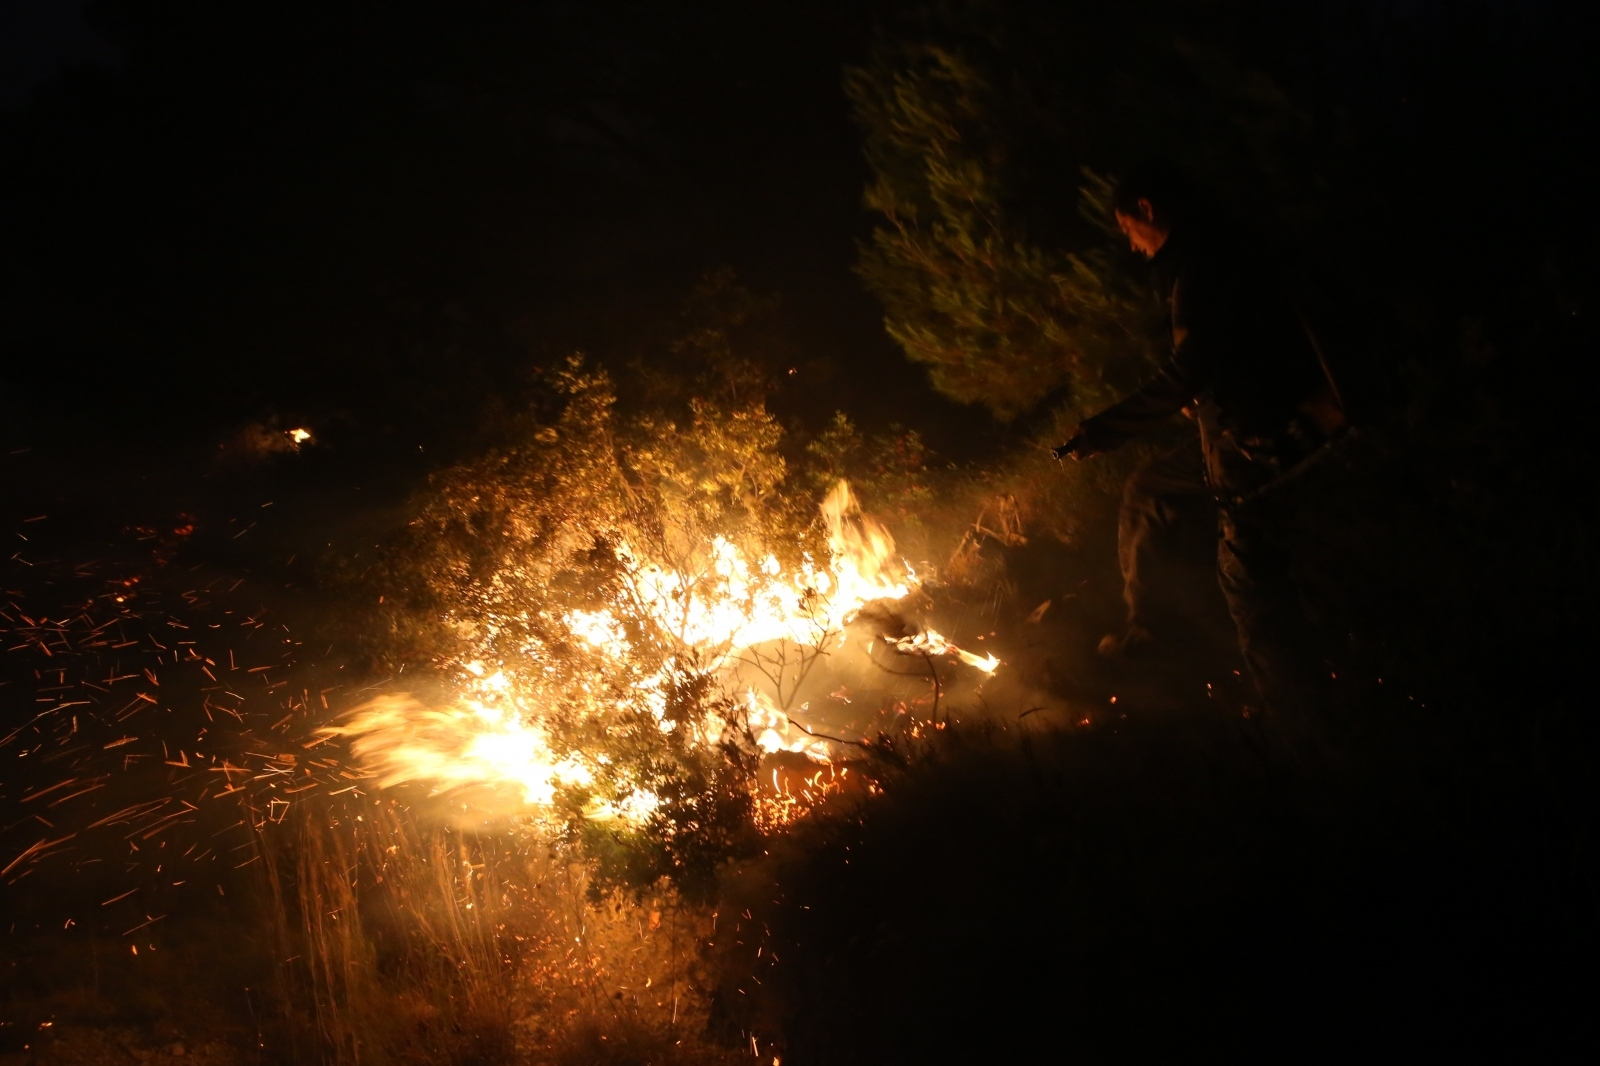 Požar u Tučepima – Izgorjelo je 100 kvadratnih metara makije